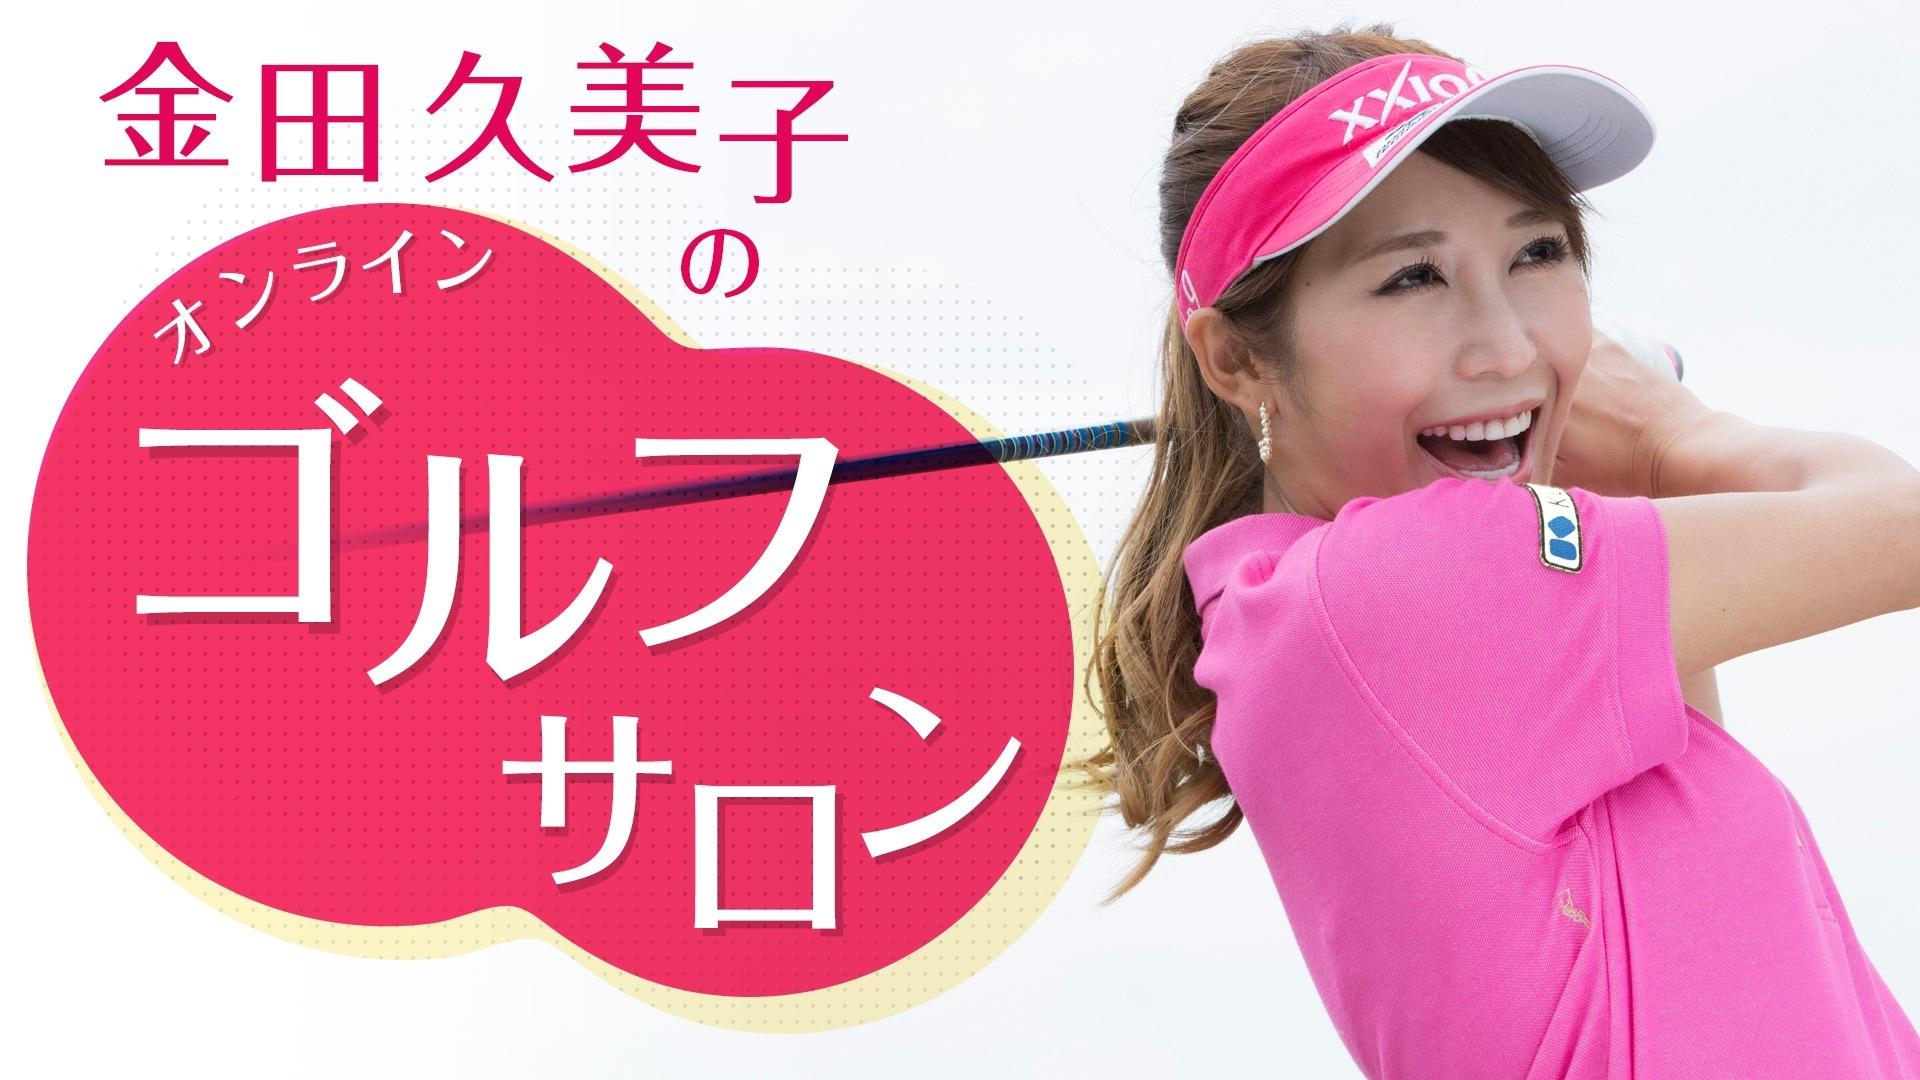 金田久美子のオンラインゴルフサロン